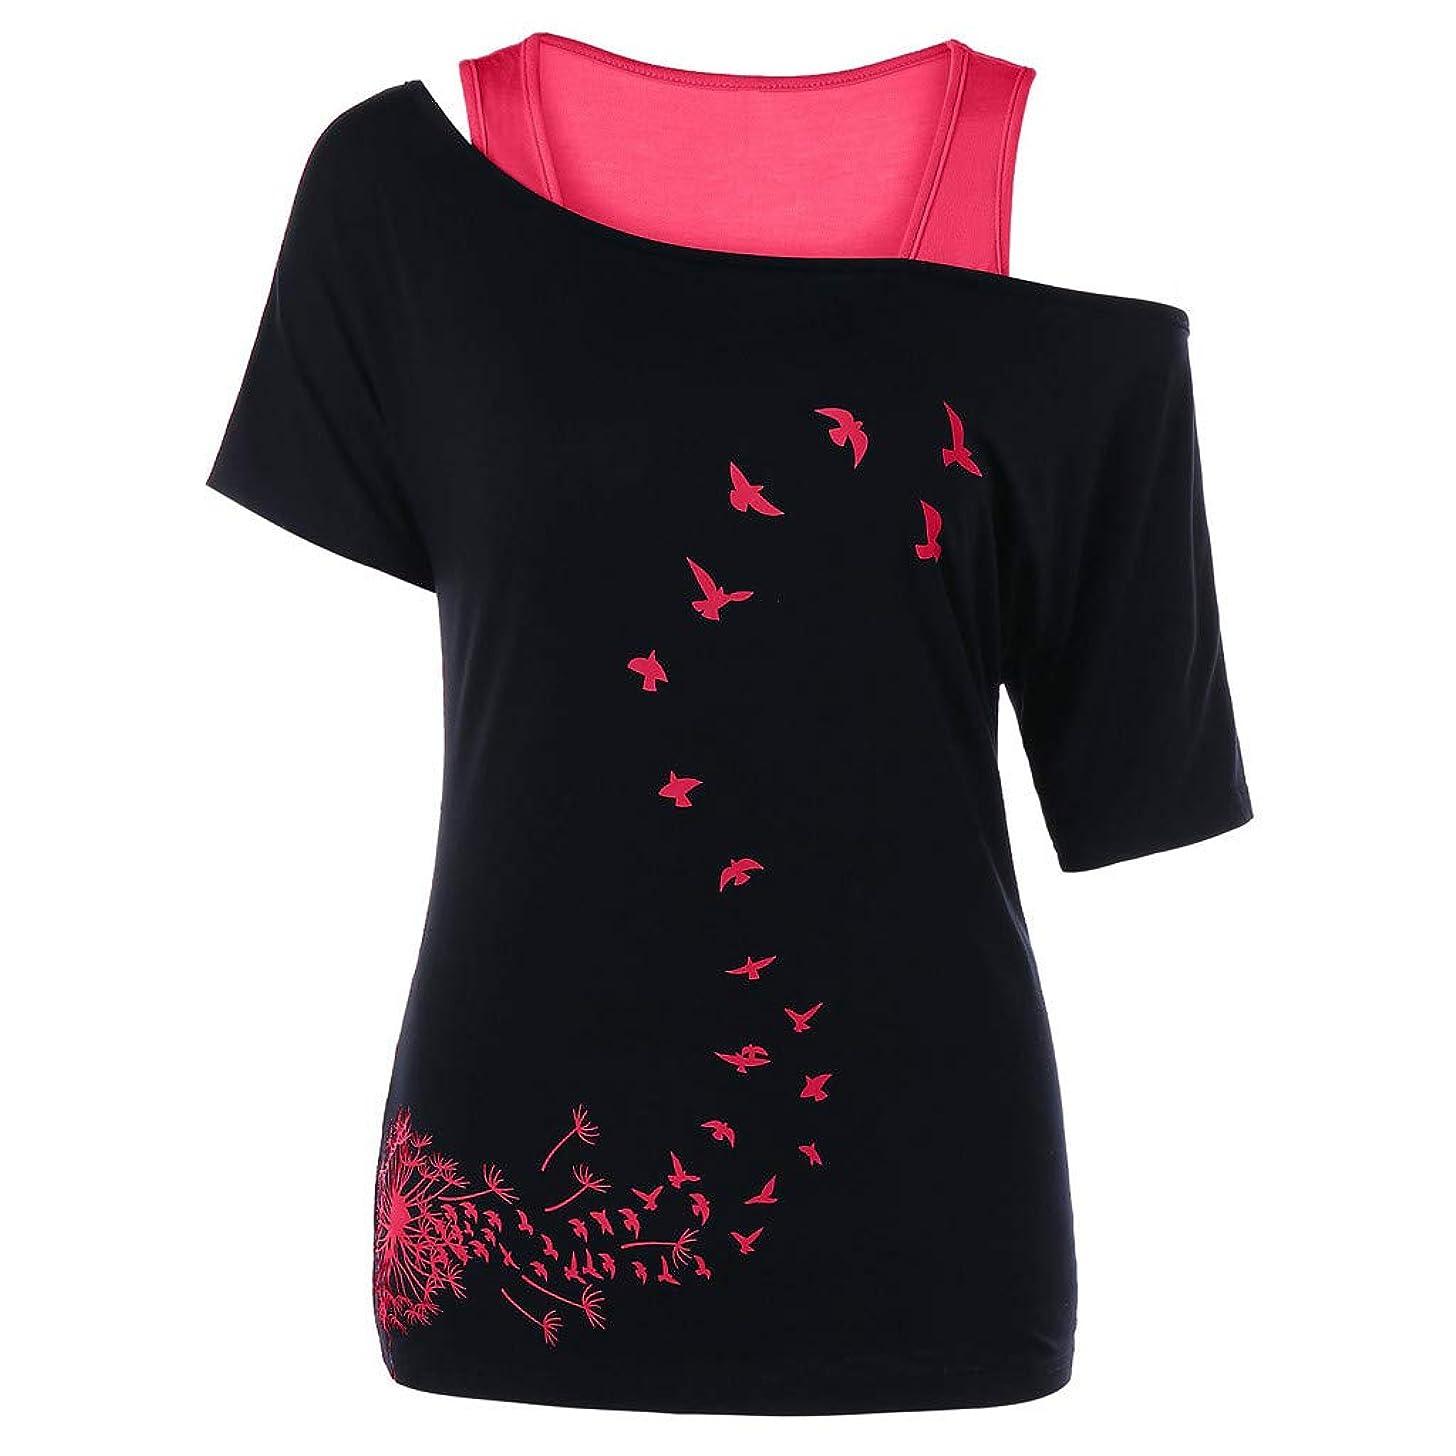 HimTak New Listing Fashion Women's t-Shirt 2pcs Dandelion Print Top Two-Piece Vest Plus Clothes Suit